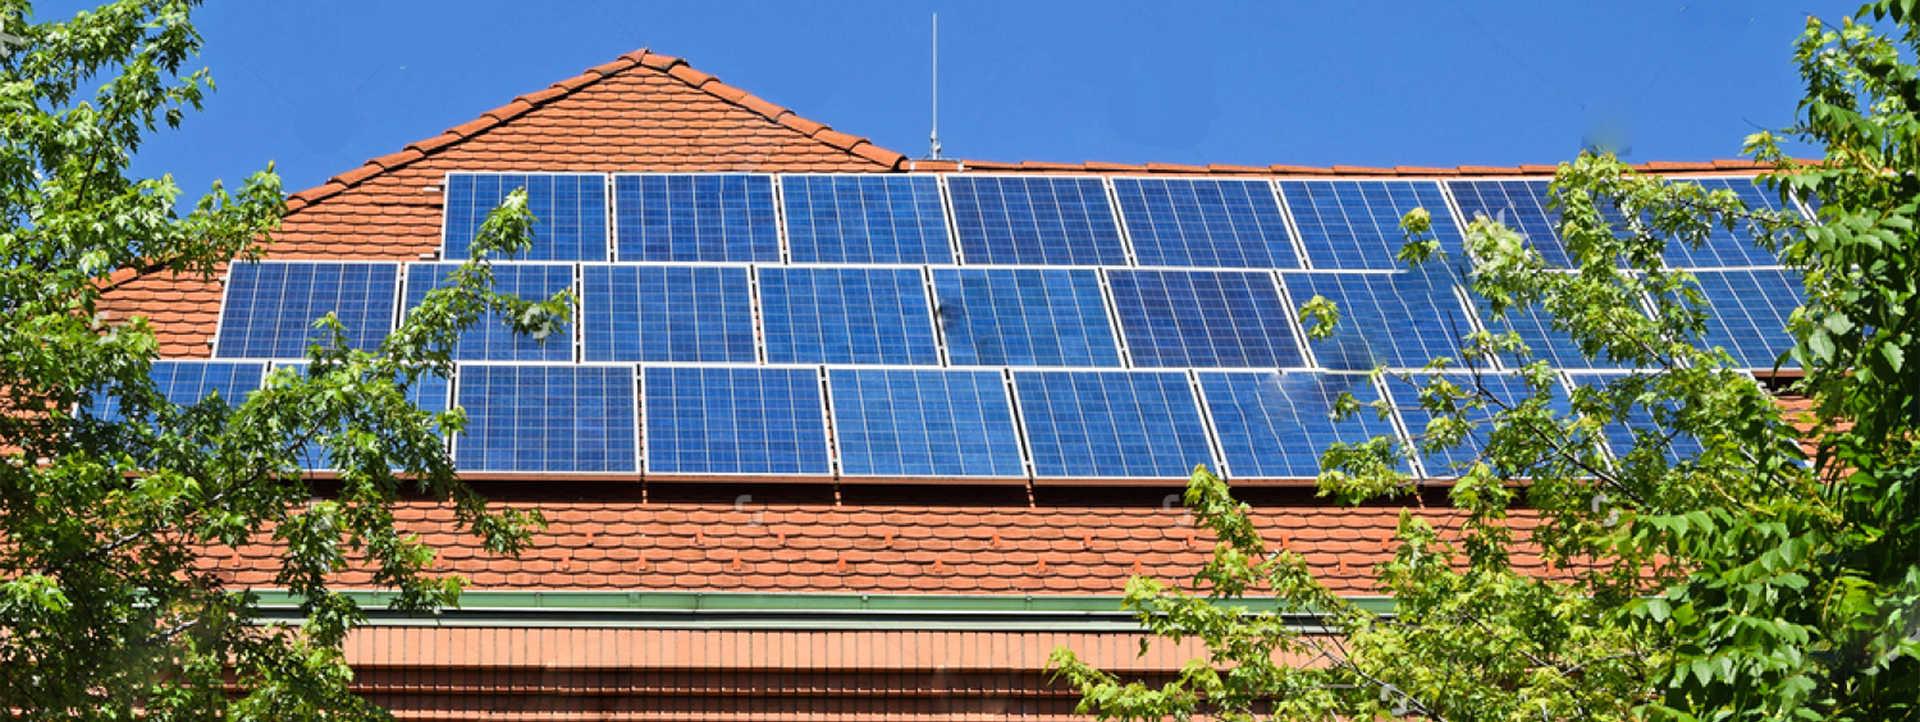 school zonne-energie